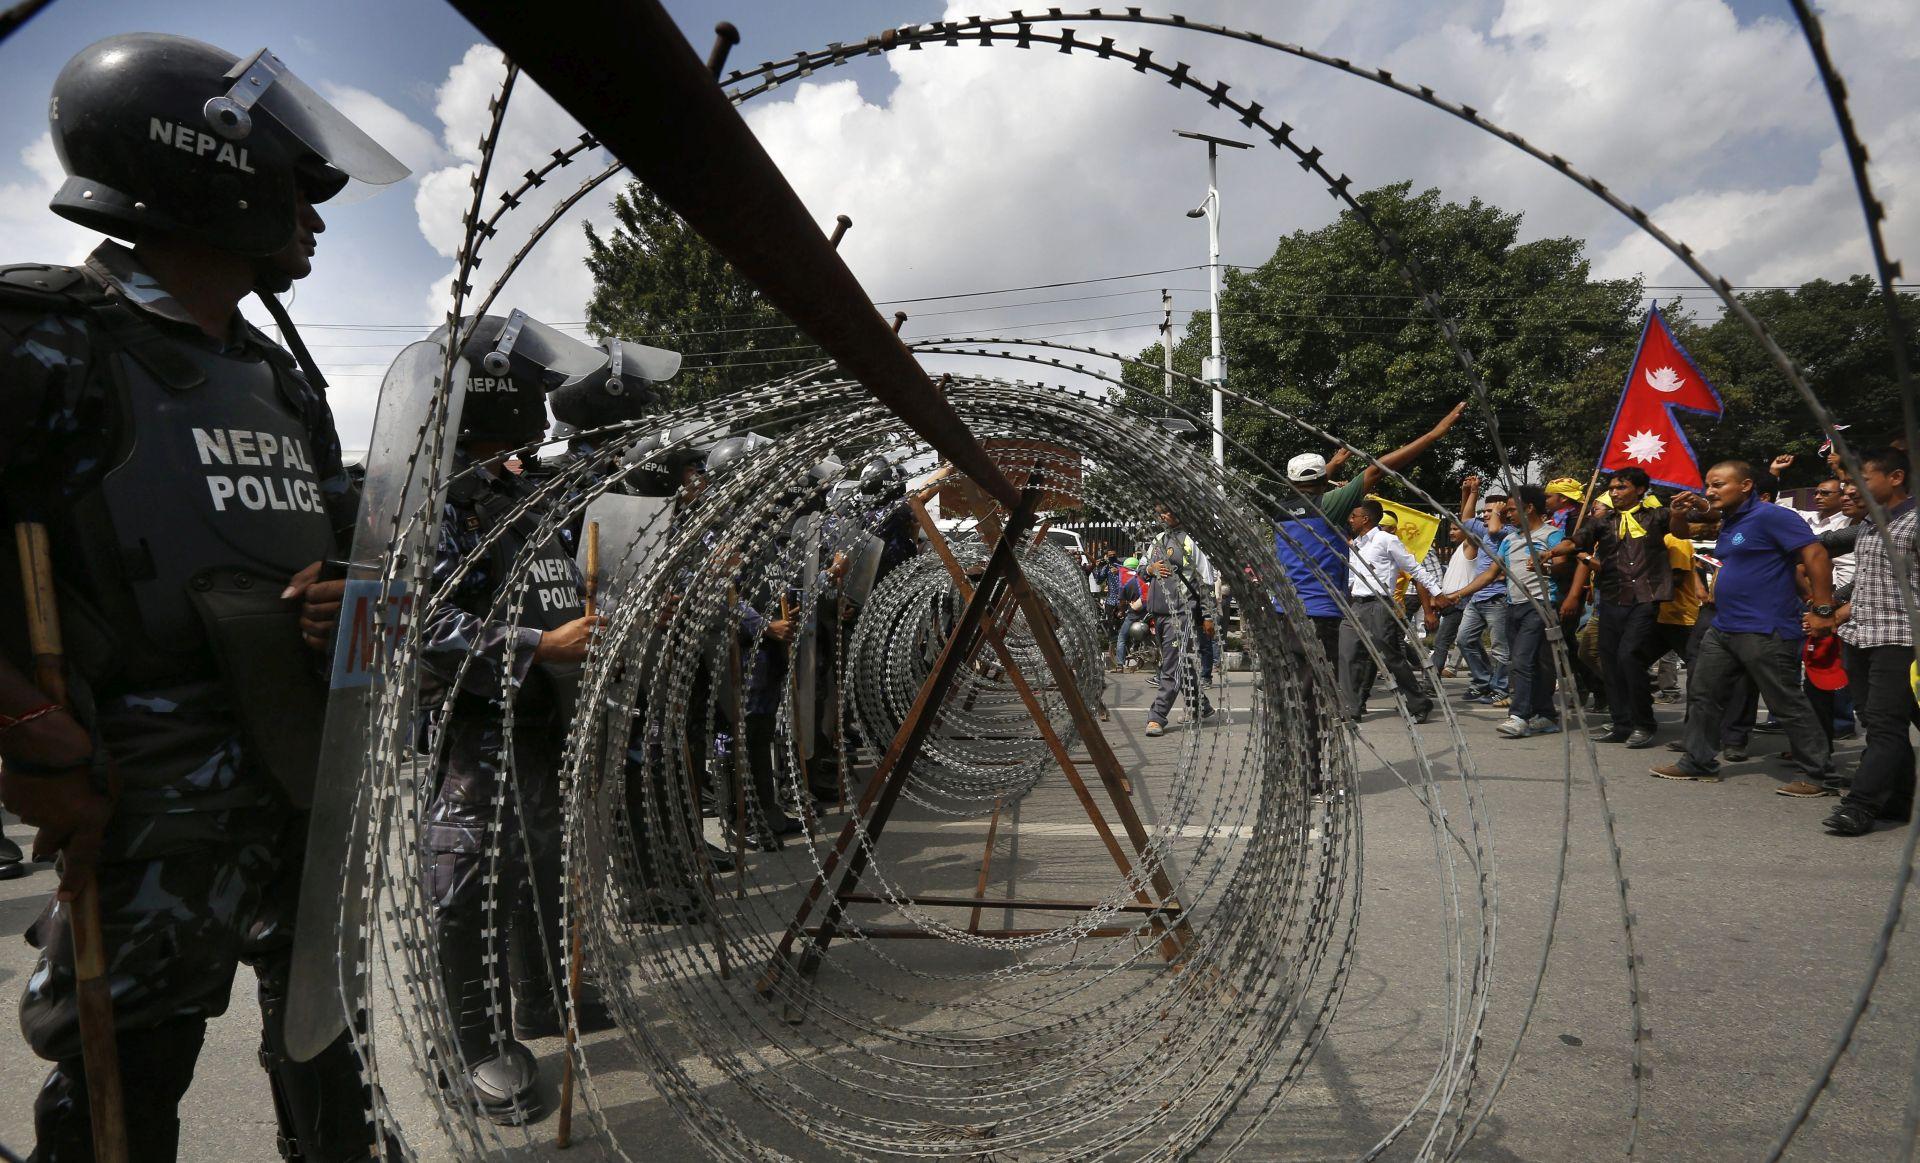 PROSVJEDI ZBOG NACRTA USTAVA Policija u Nepalu ubila pet prosvjednika